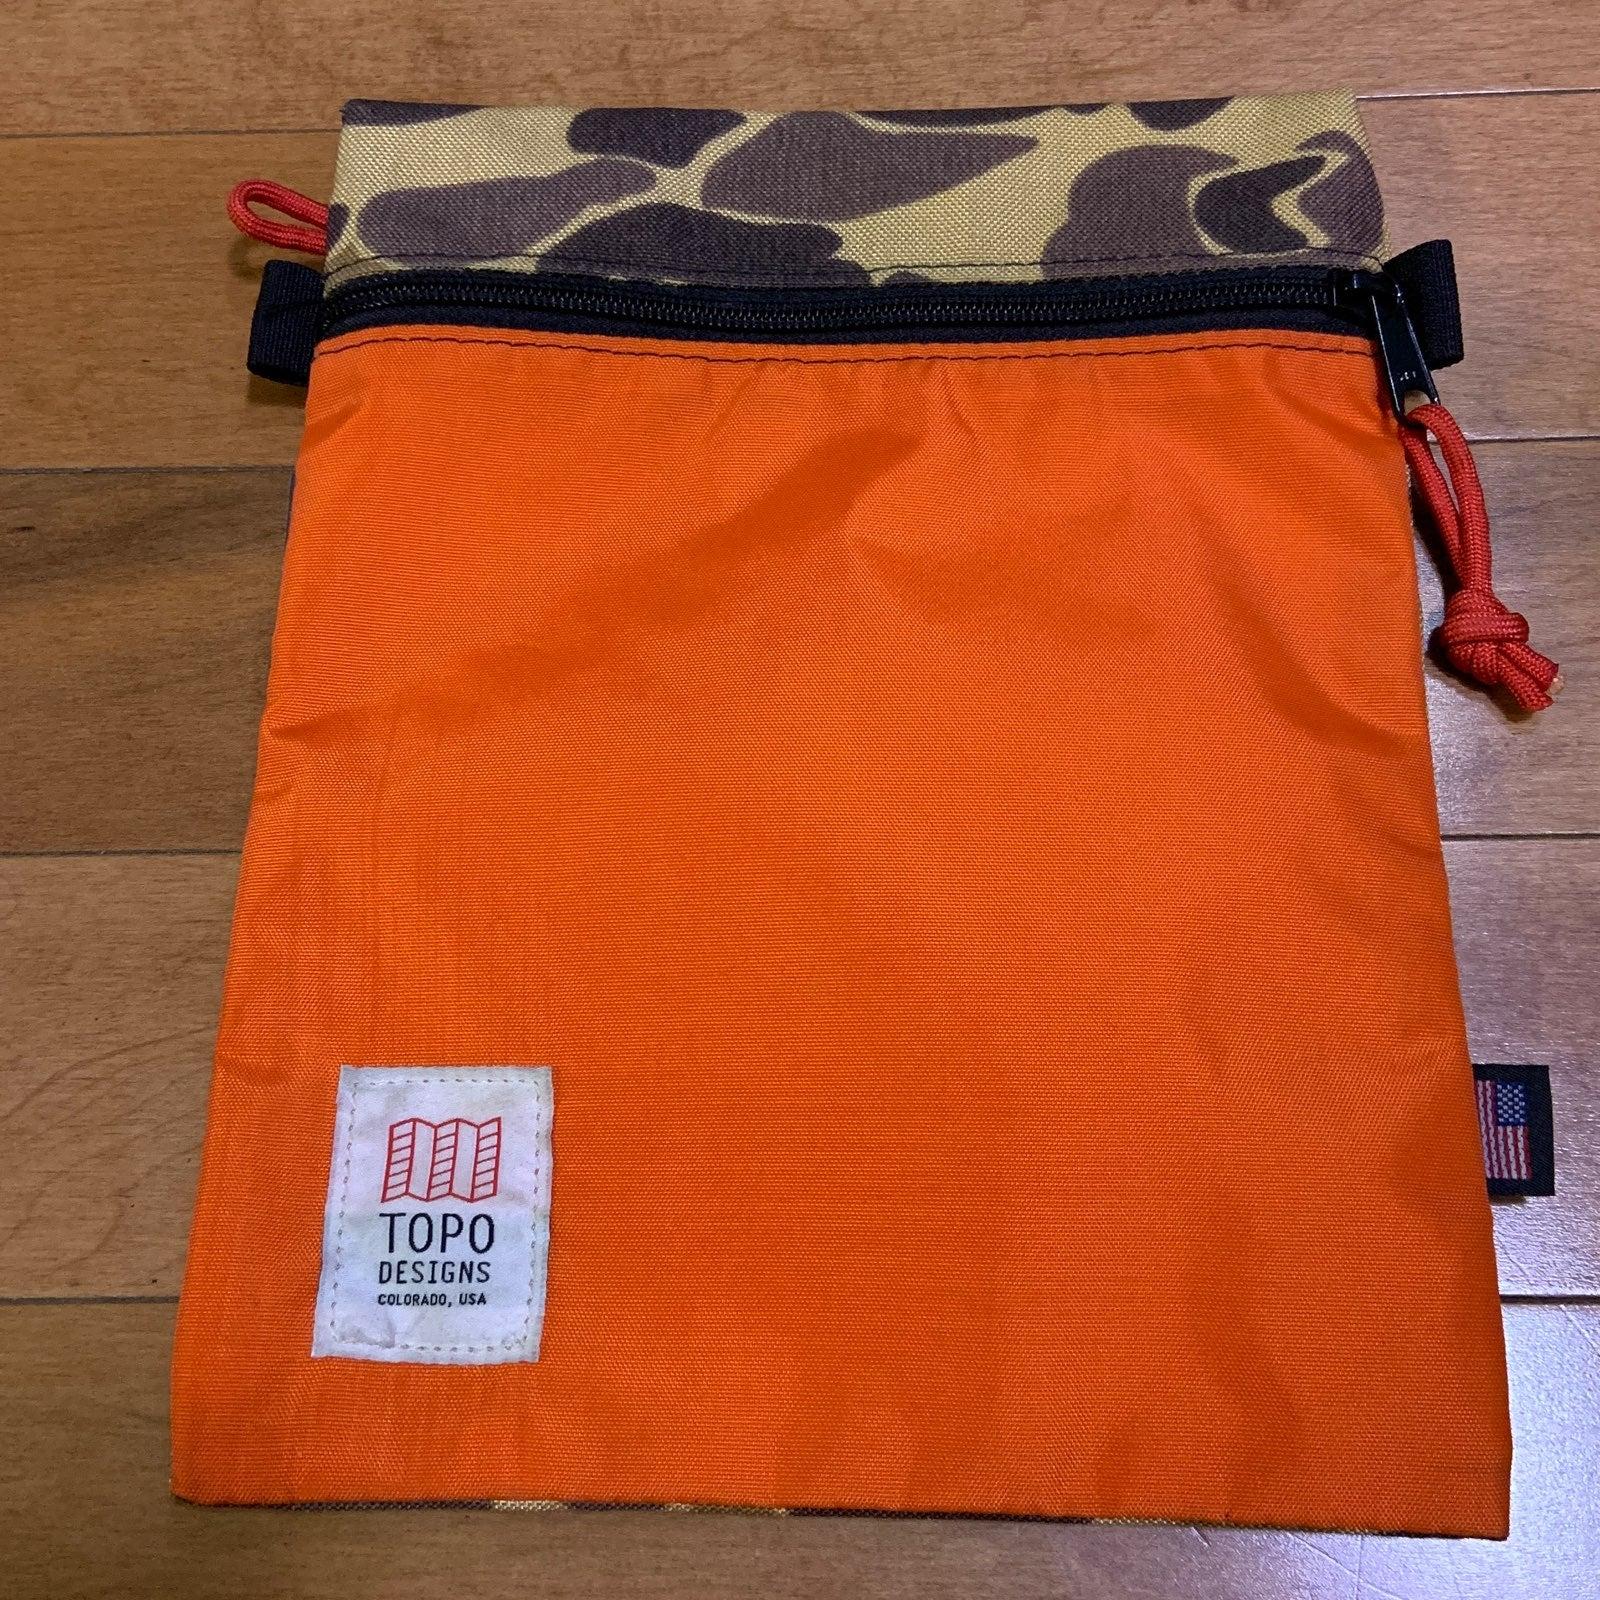 Topo Designs Camo Accessory Bag